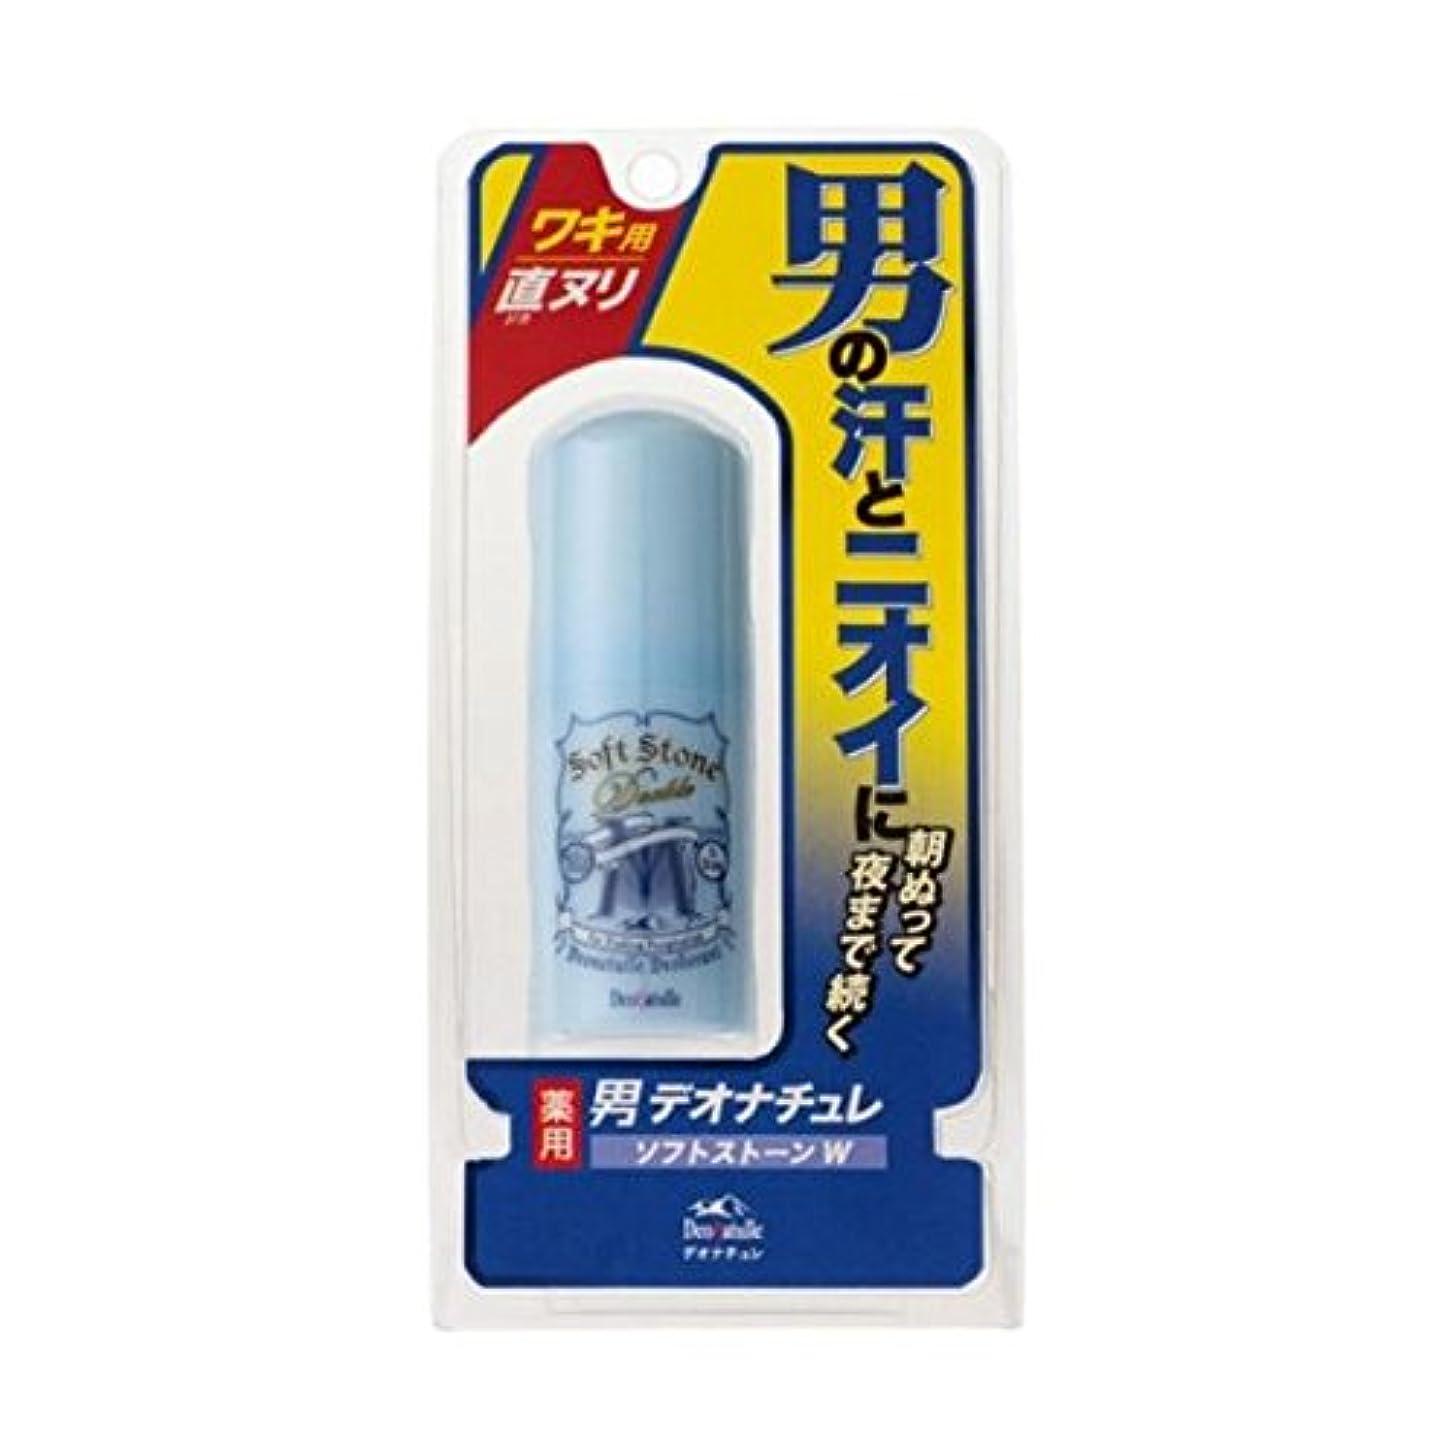 デオナチュレ 男ソフトストーン20Gx3個セット (4971825011747)